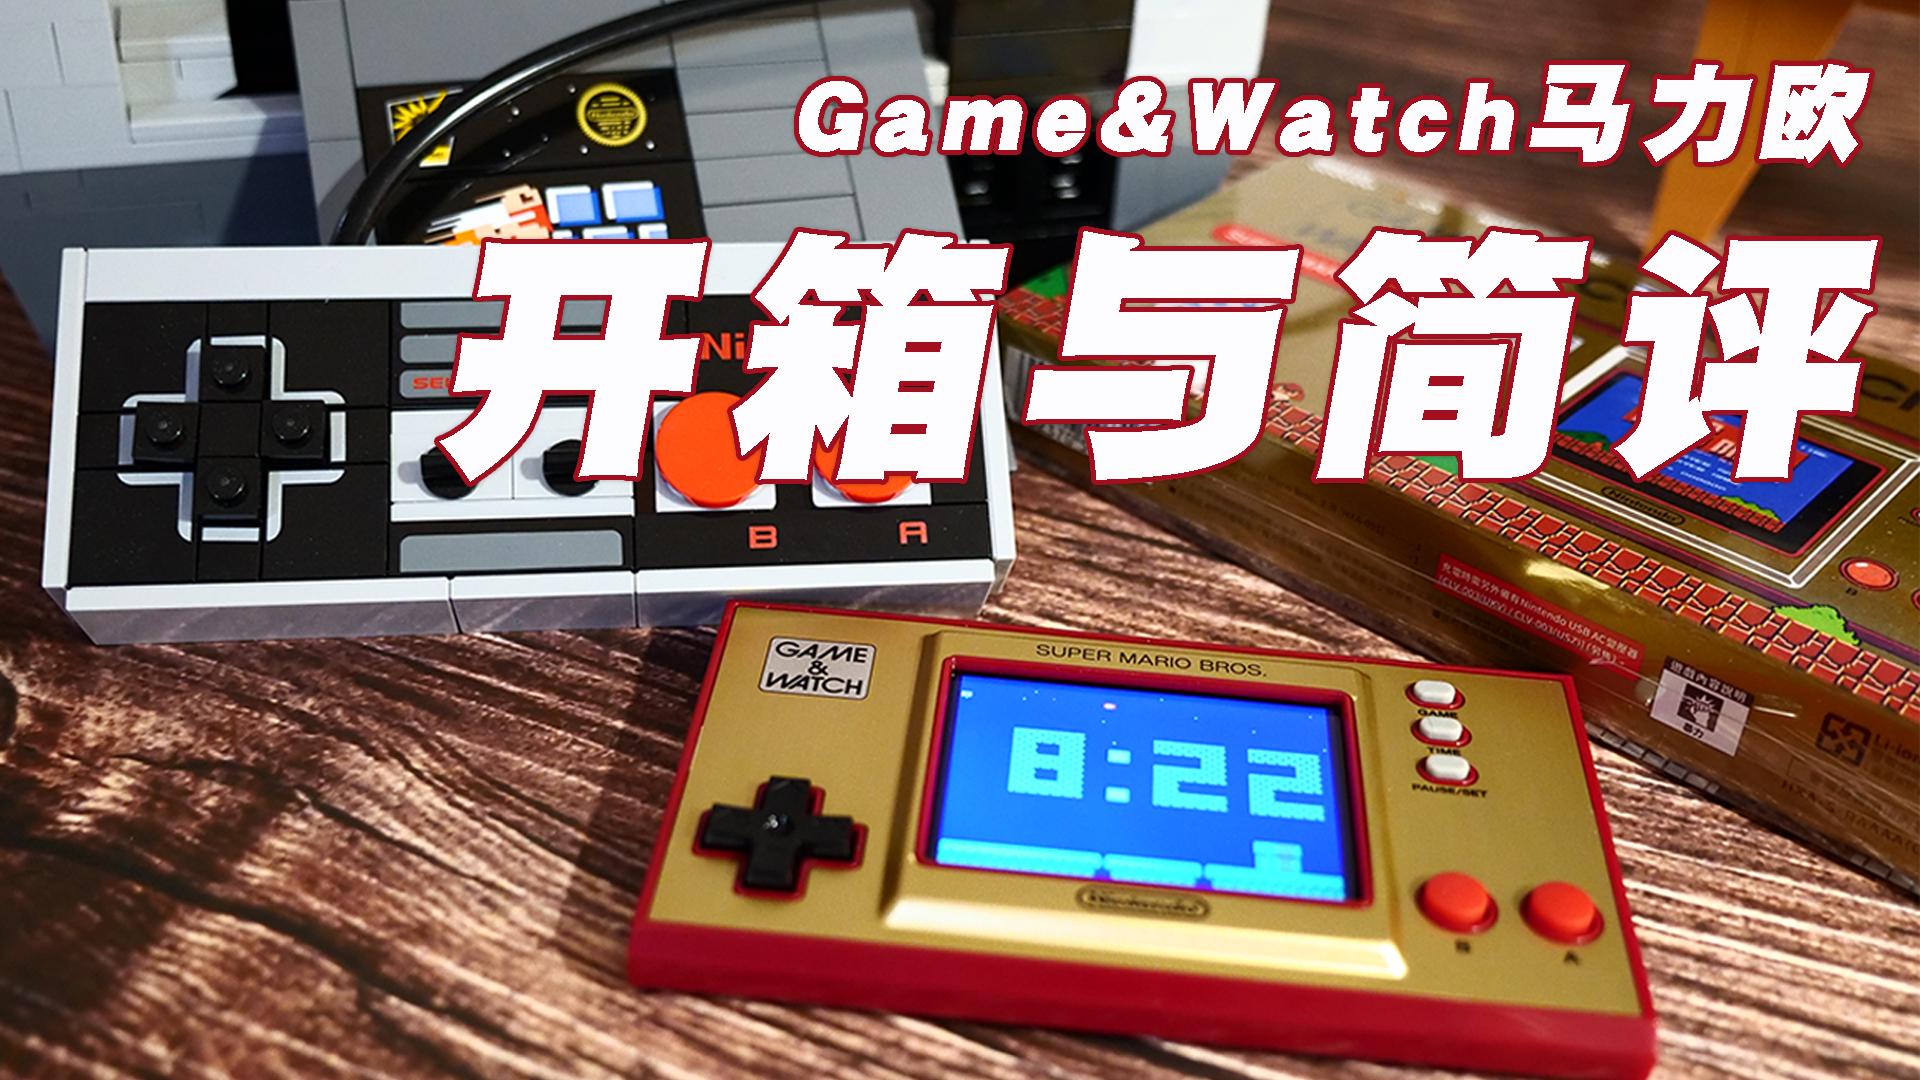 你的下一台次世代游戏机为何不能是Game&Watch马力欧?开箱及简评